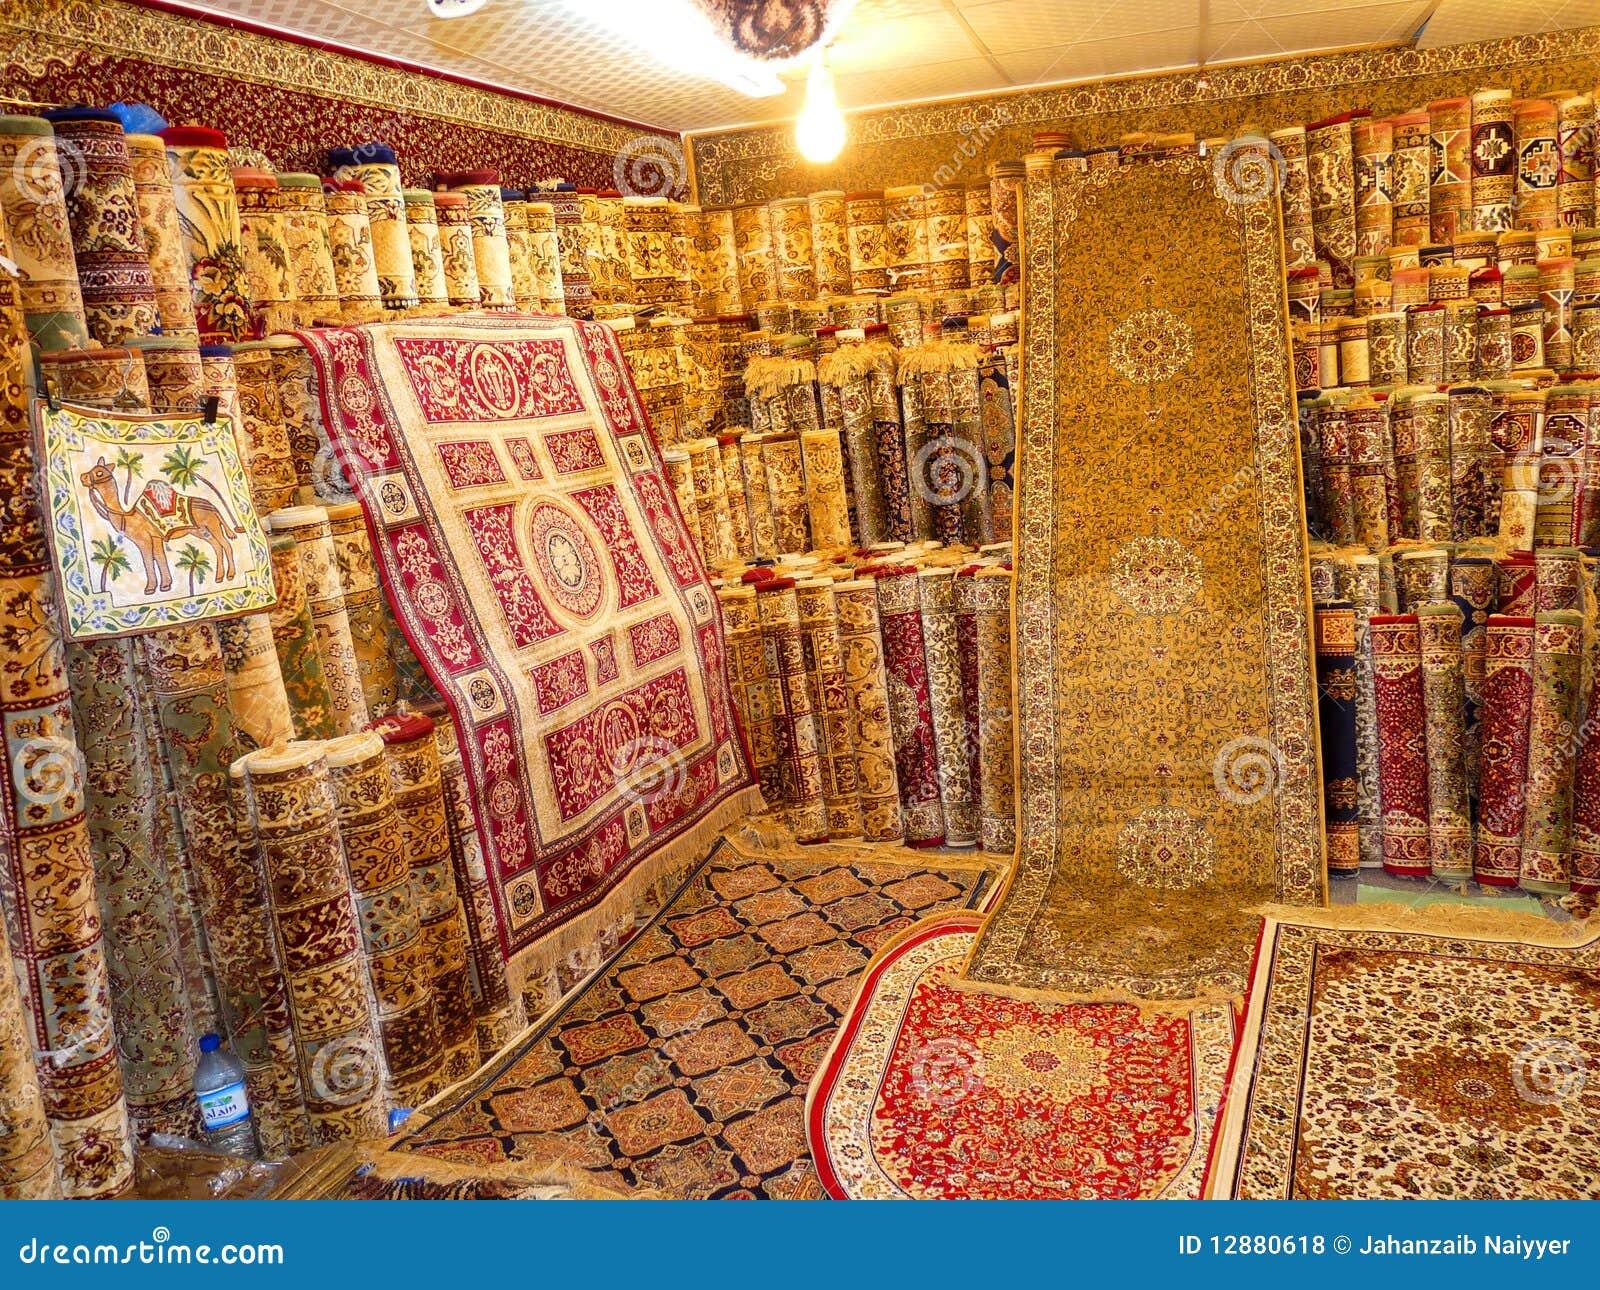 Alfombras de lujo hechas a mano fotos de archivo libres de for Alfombras hechas a mano en casa